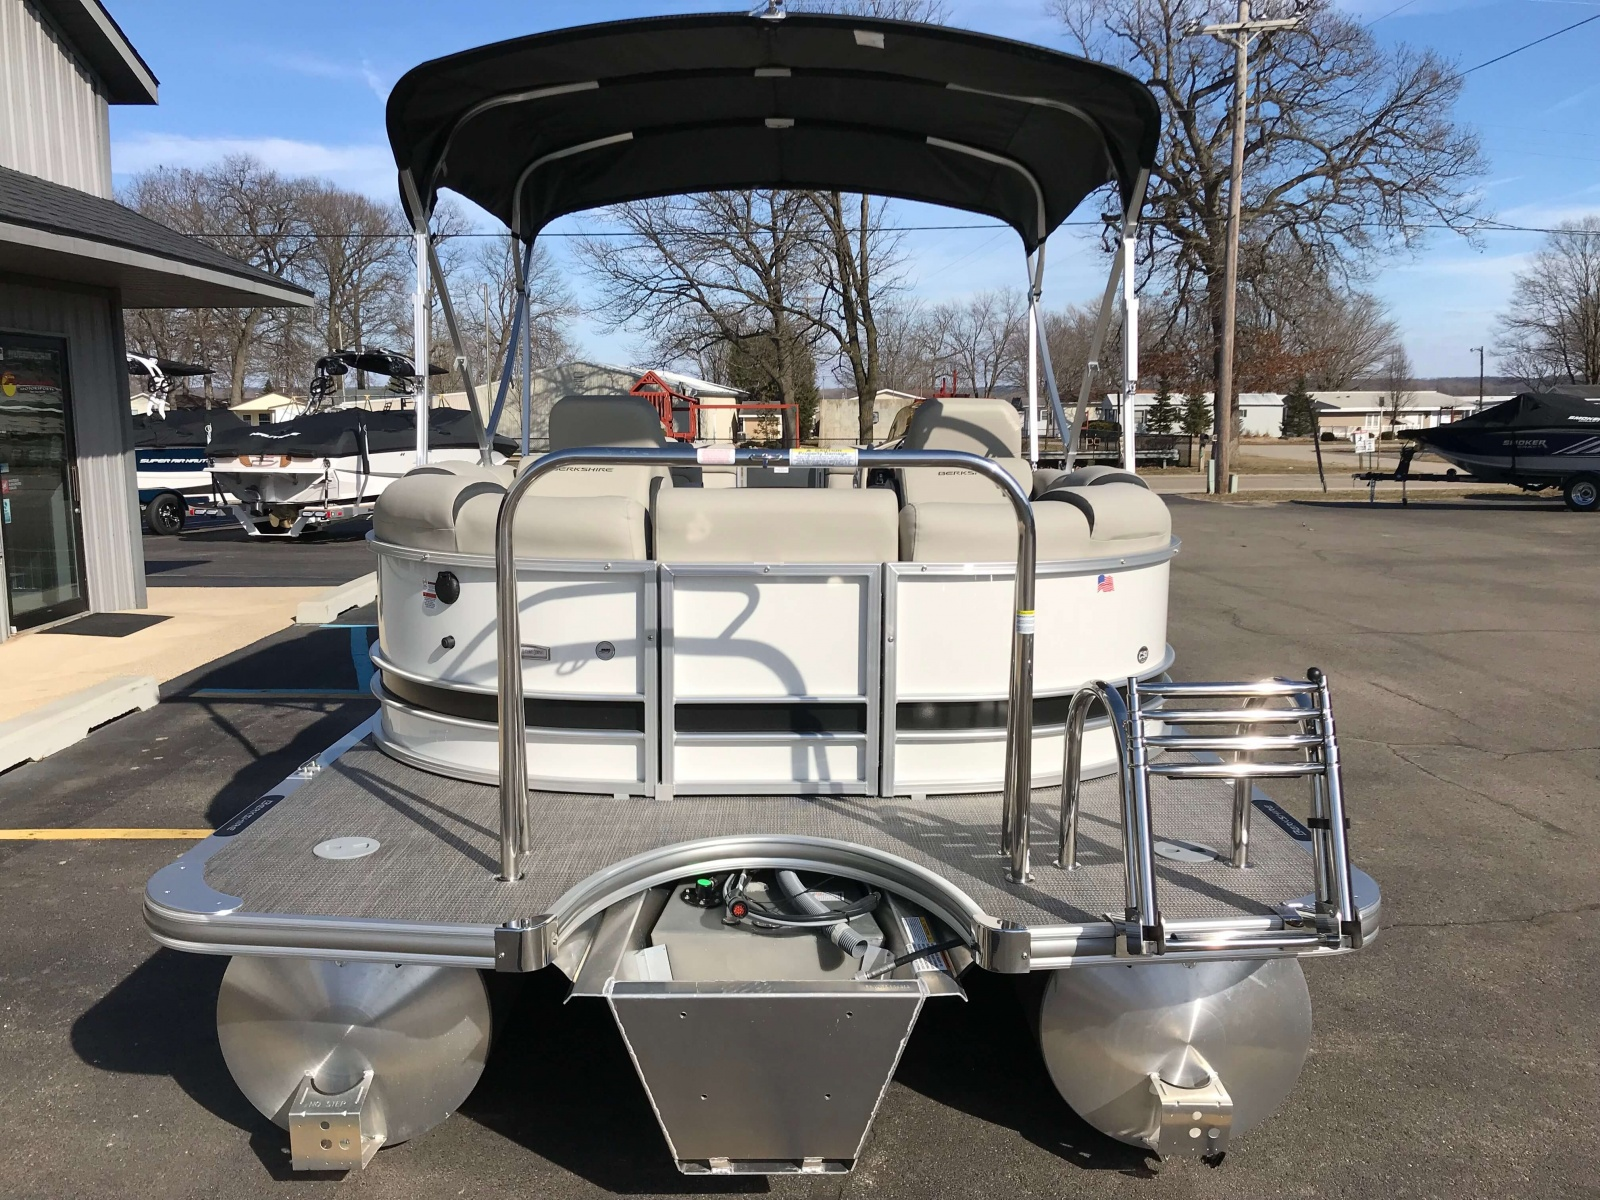 Rear Swim Deck with Ski Tow Bar of a 2019 Berkshire 23RFX STS Pontoon